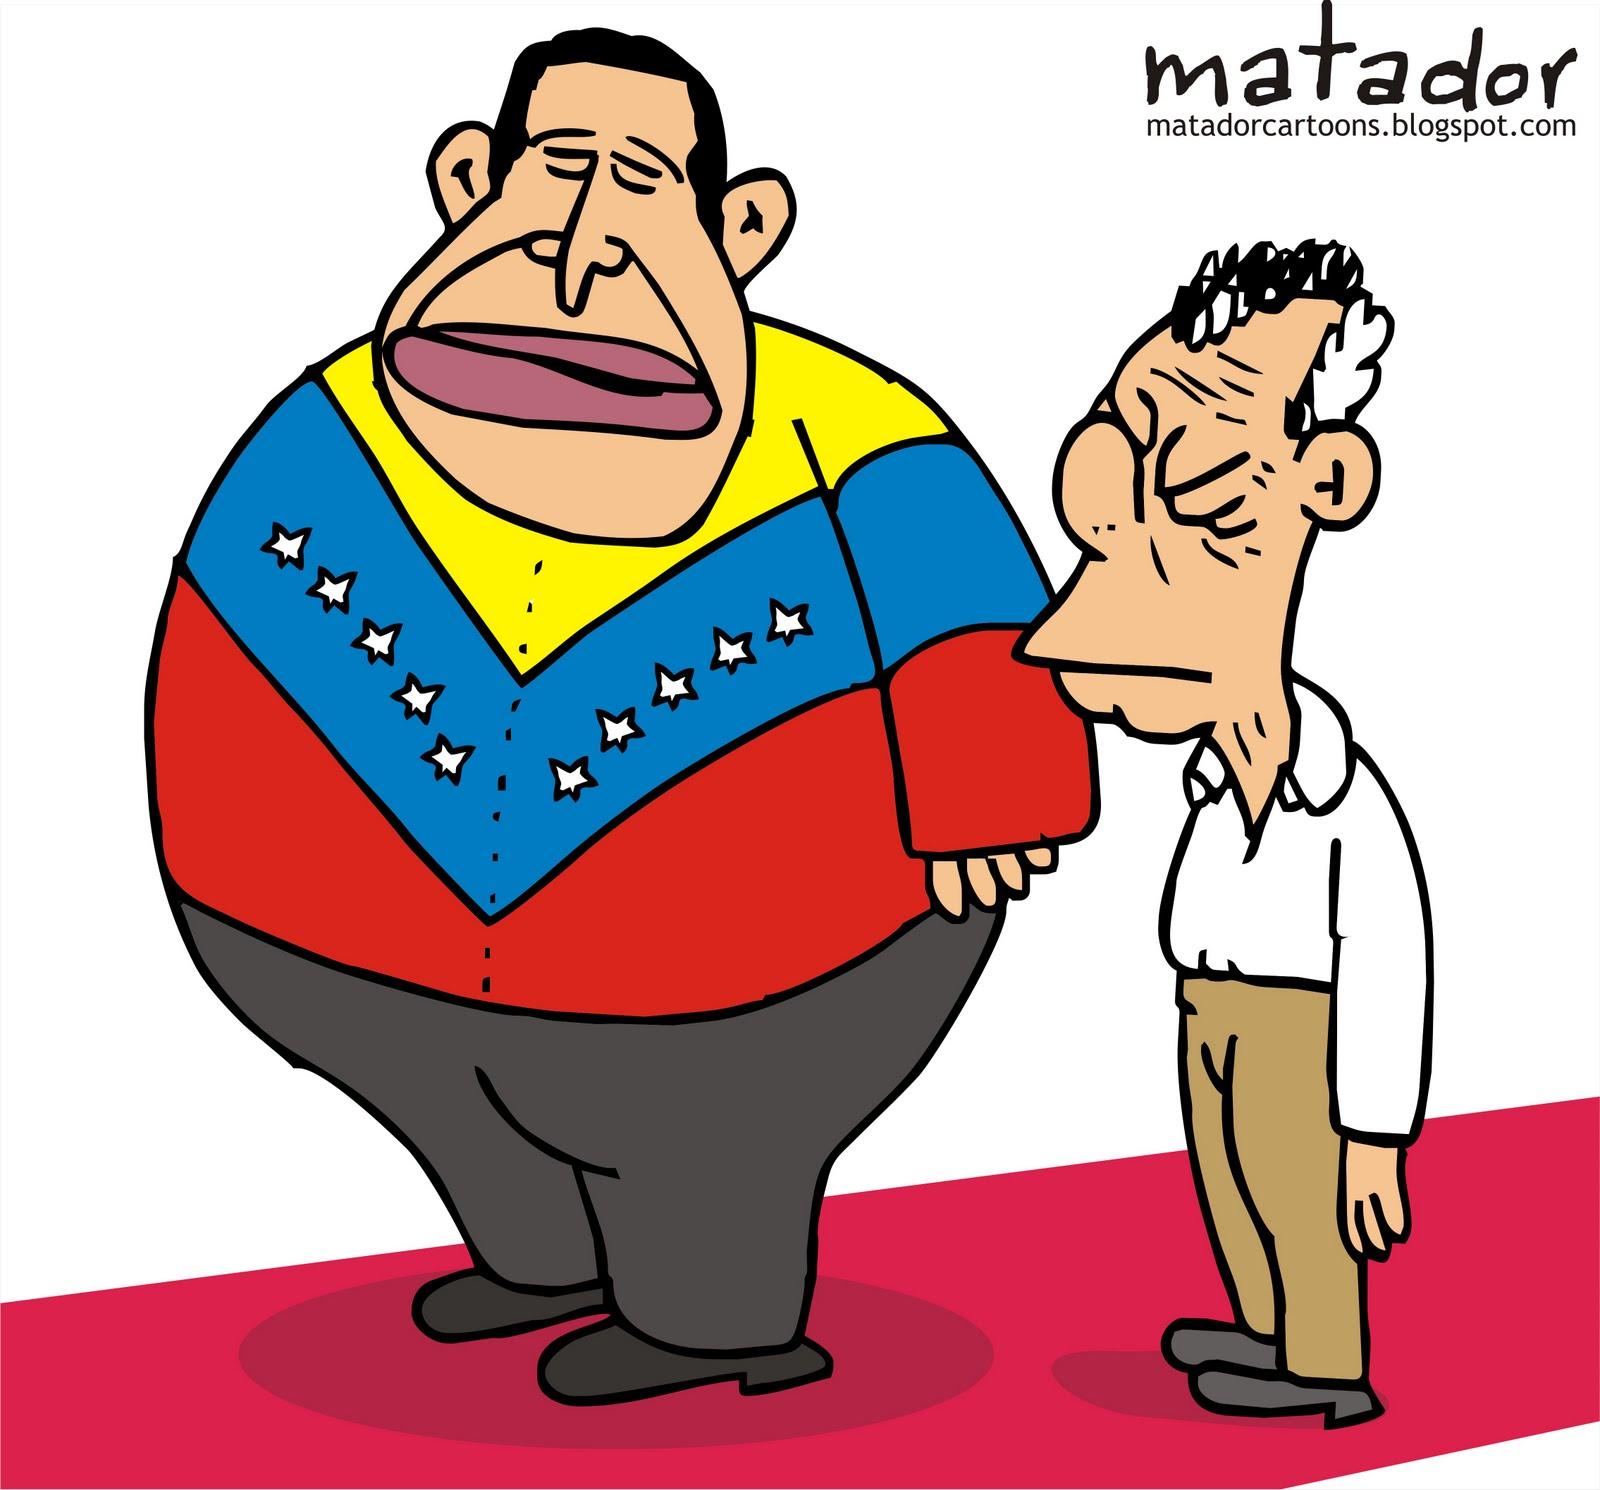 Caricaturas de flacos y gordos - Imagui